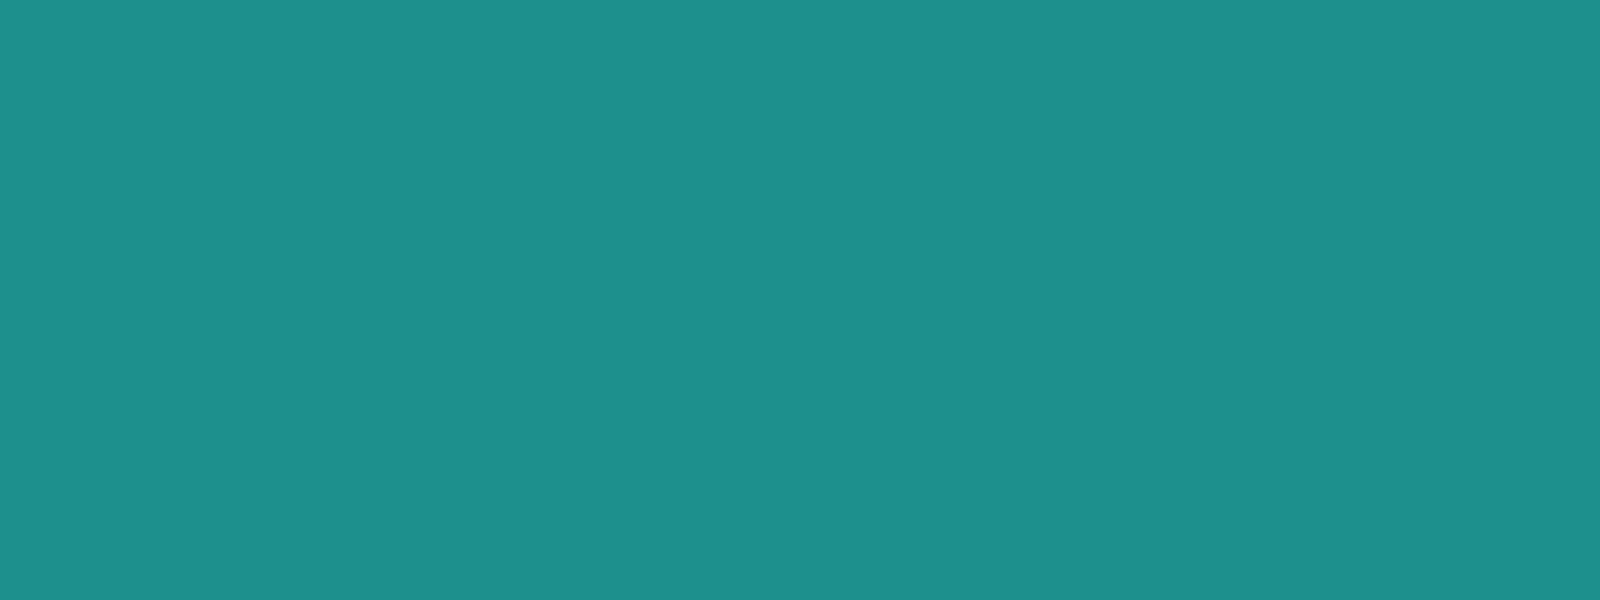 لایه اول اسلایدر سی و پنجمین جشنواره تئاتر فجر ، عکاسی ، هویت بصری ، شرکت تبلیغاتی الف ، طراحی لوگو ، طراحی لوگوتایپ ، طراحی هویت بصری ، هویت بصری سی و پنجمین جشنواره بین المللی تئاتر فجر